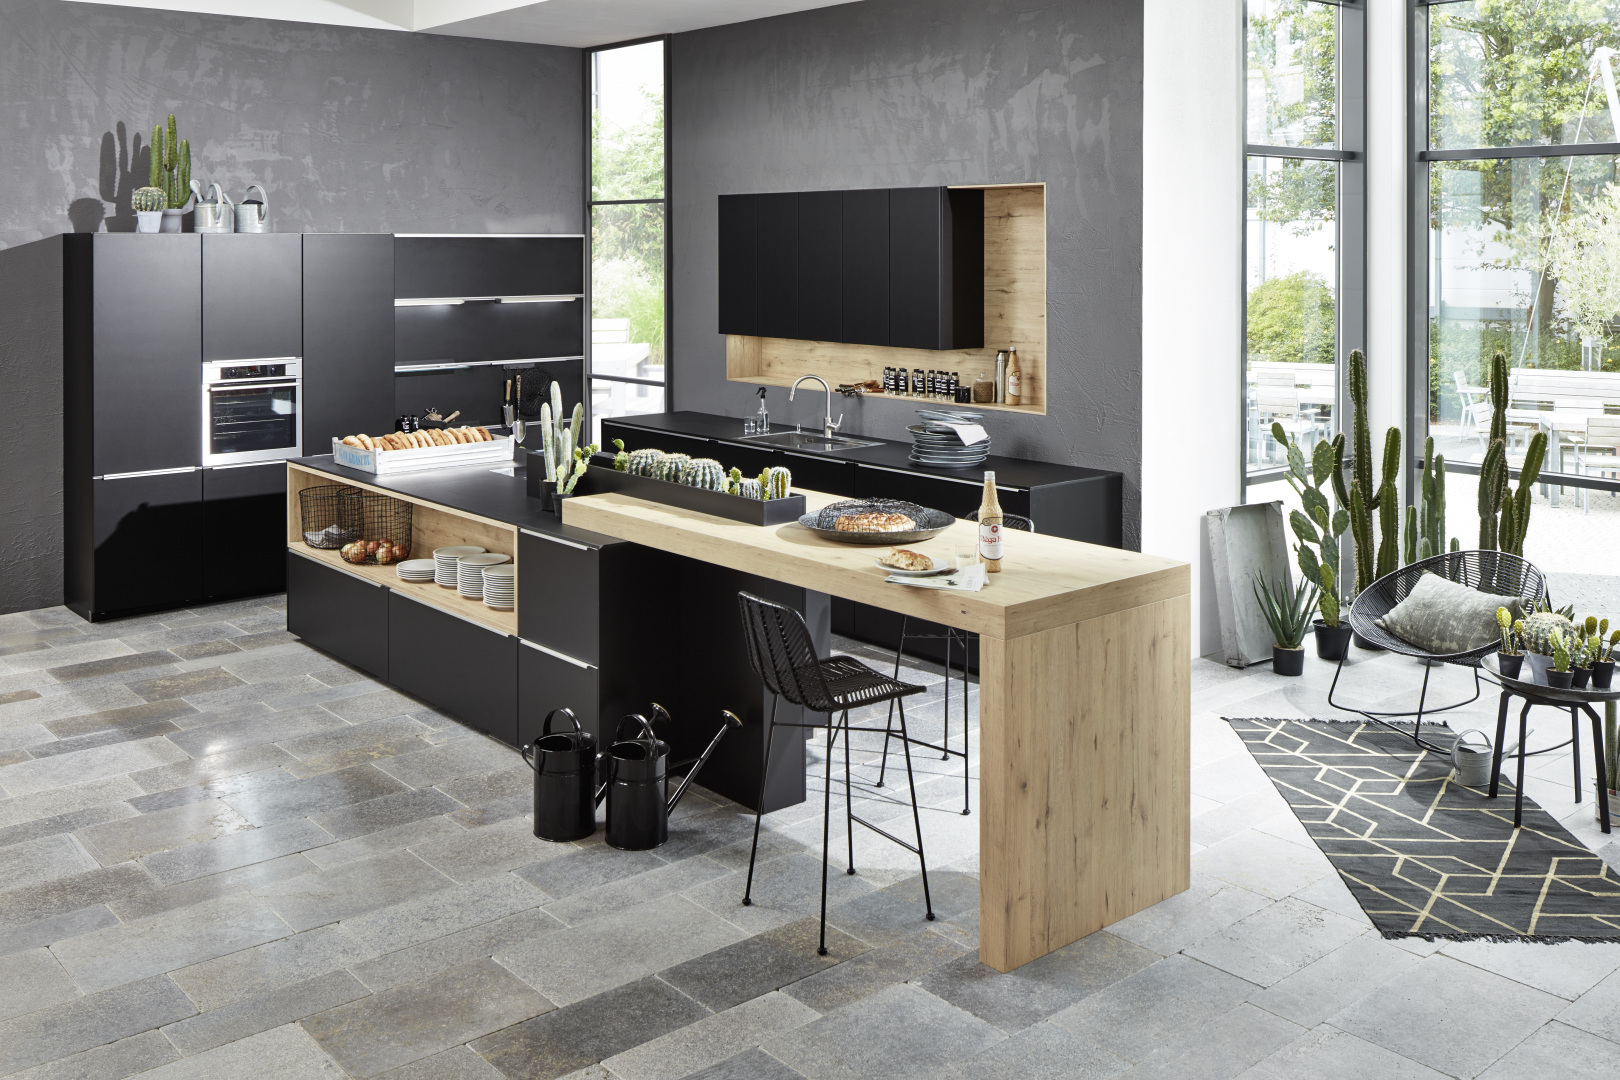 Cuisine haut de gamme moderne ultra design de style industriel et scandinave littoz annecy